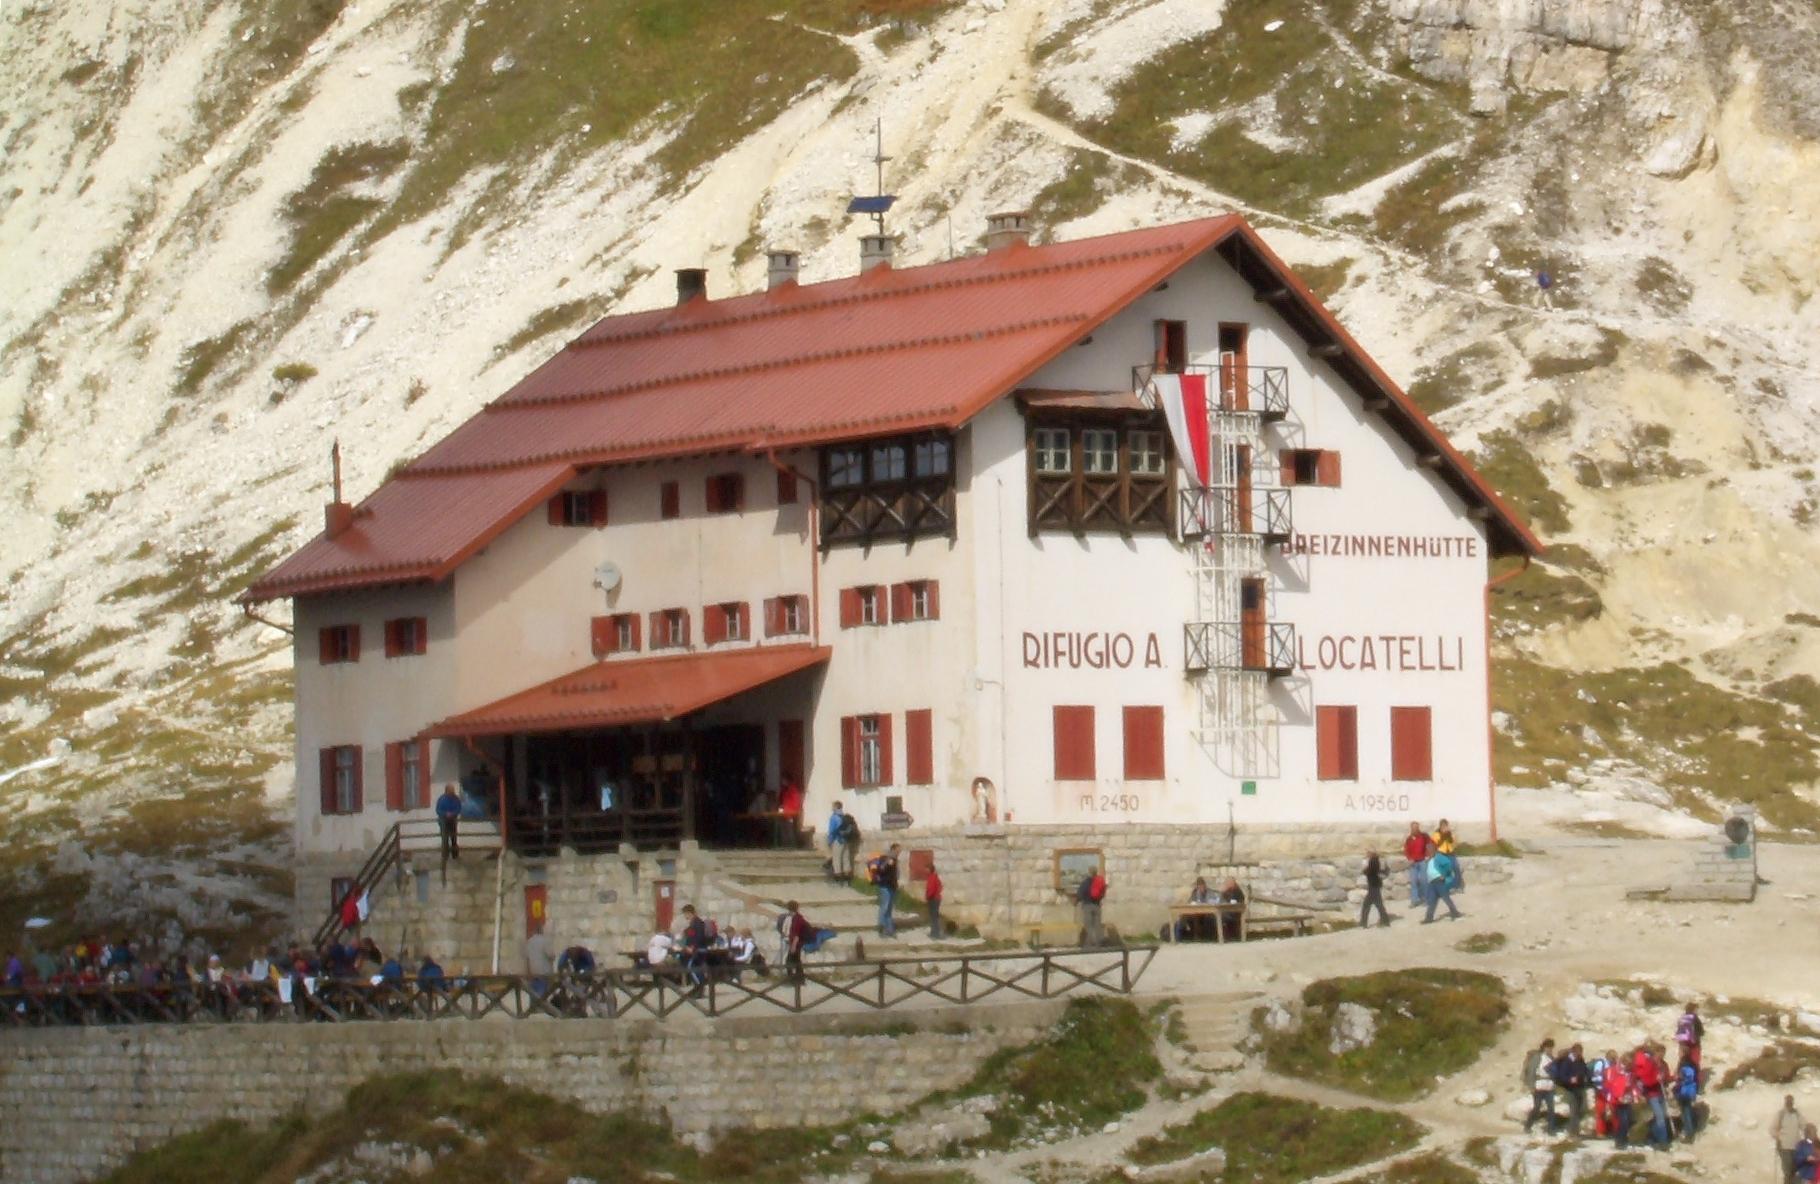 Schluss mit faschistischen Zweitnamen – Schutzhütten erhalten ursprüngliche Namen zurück